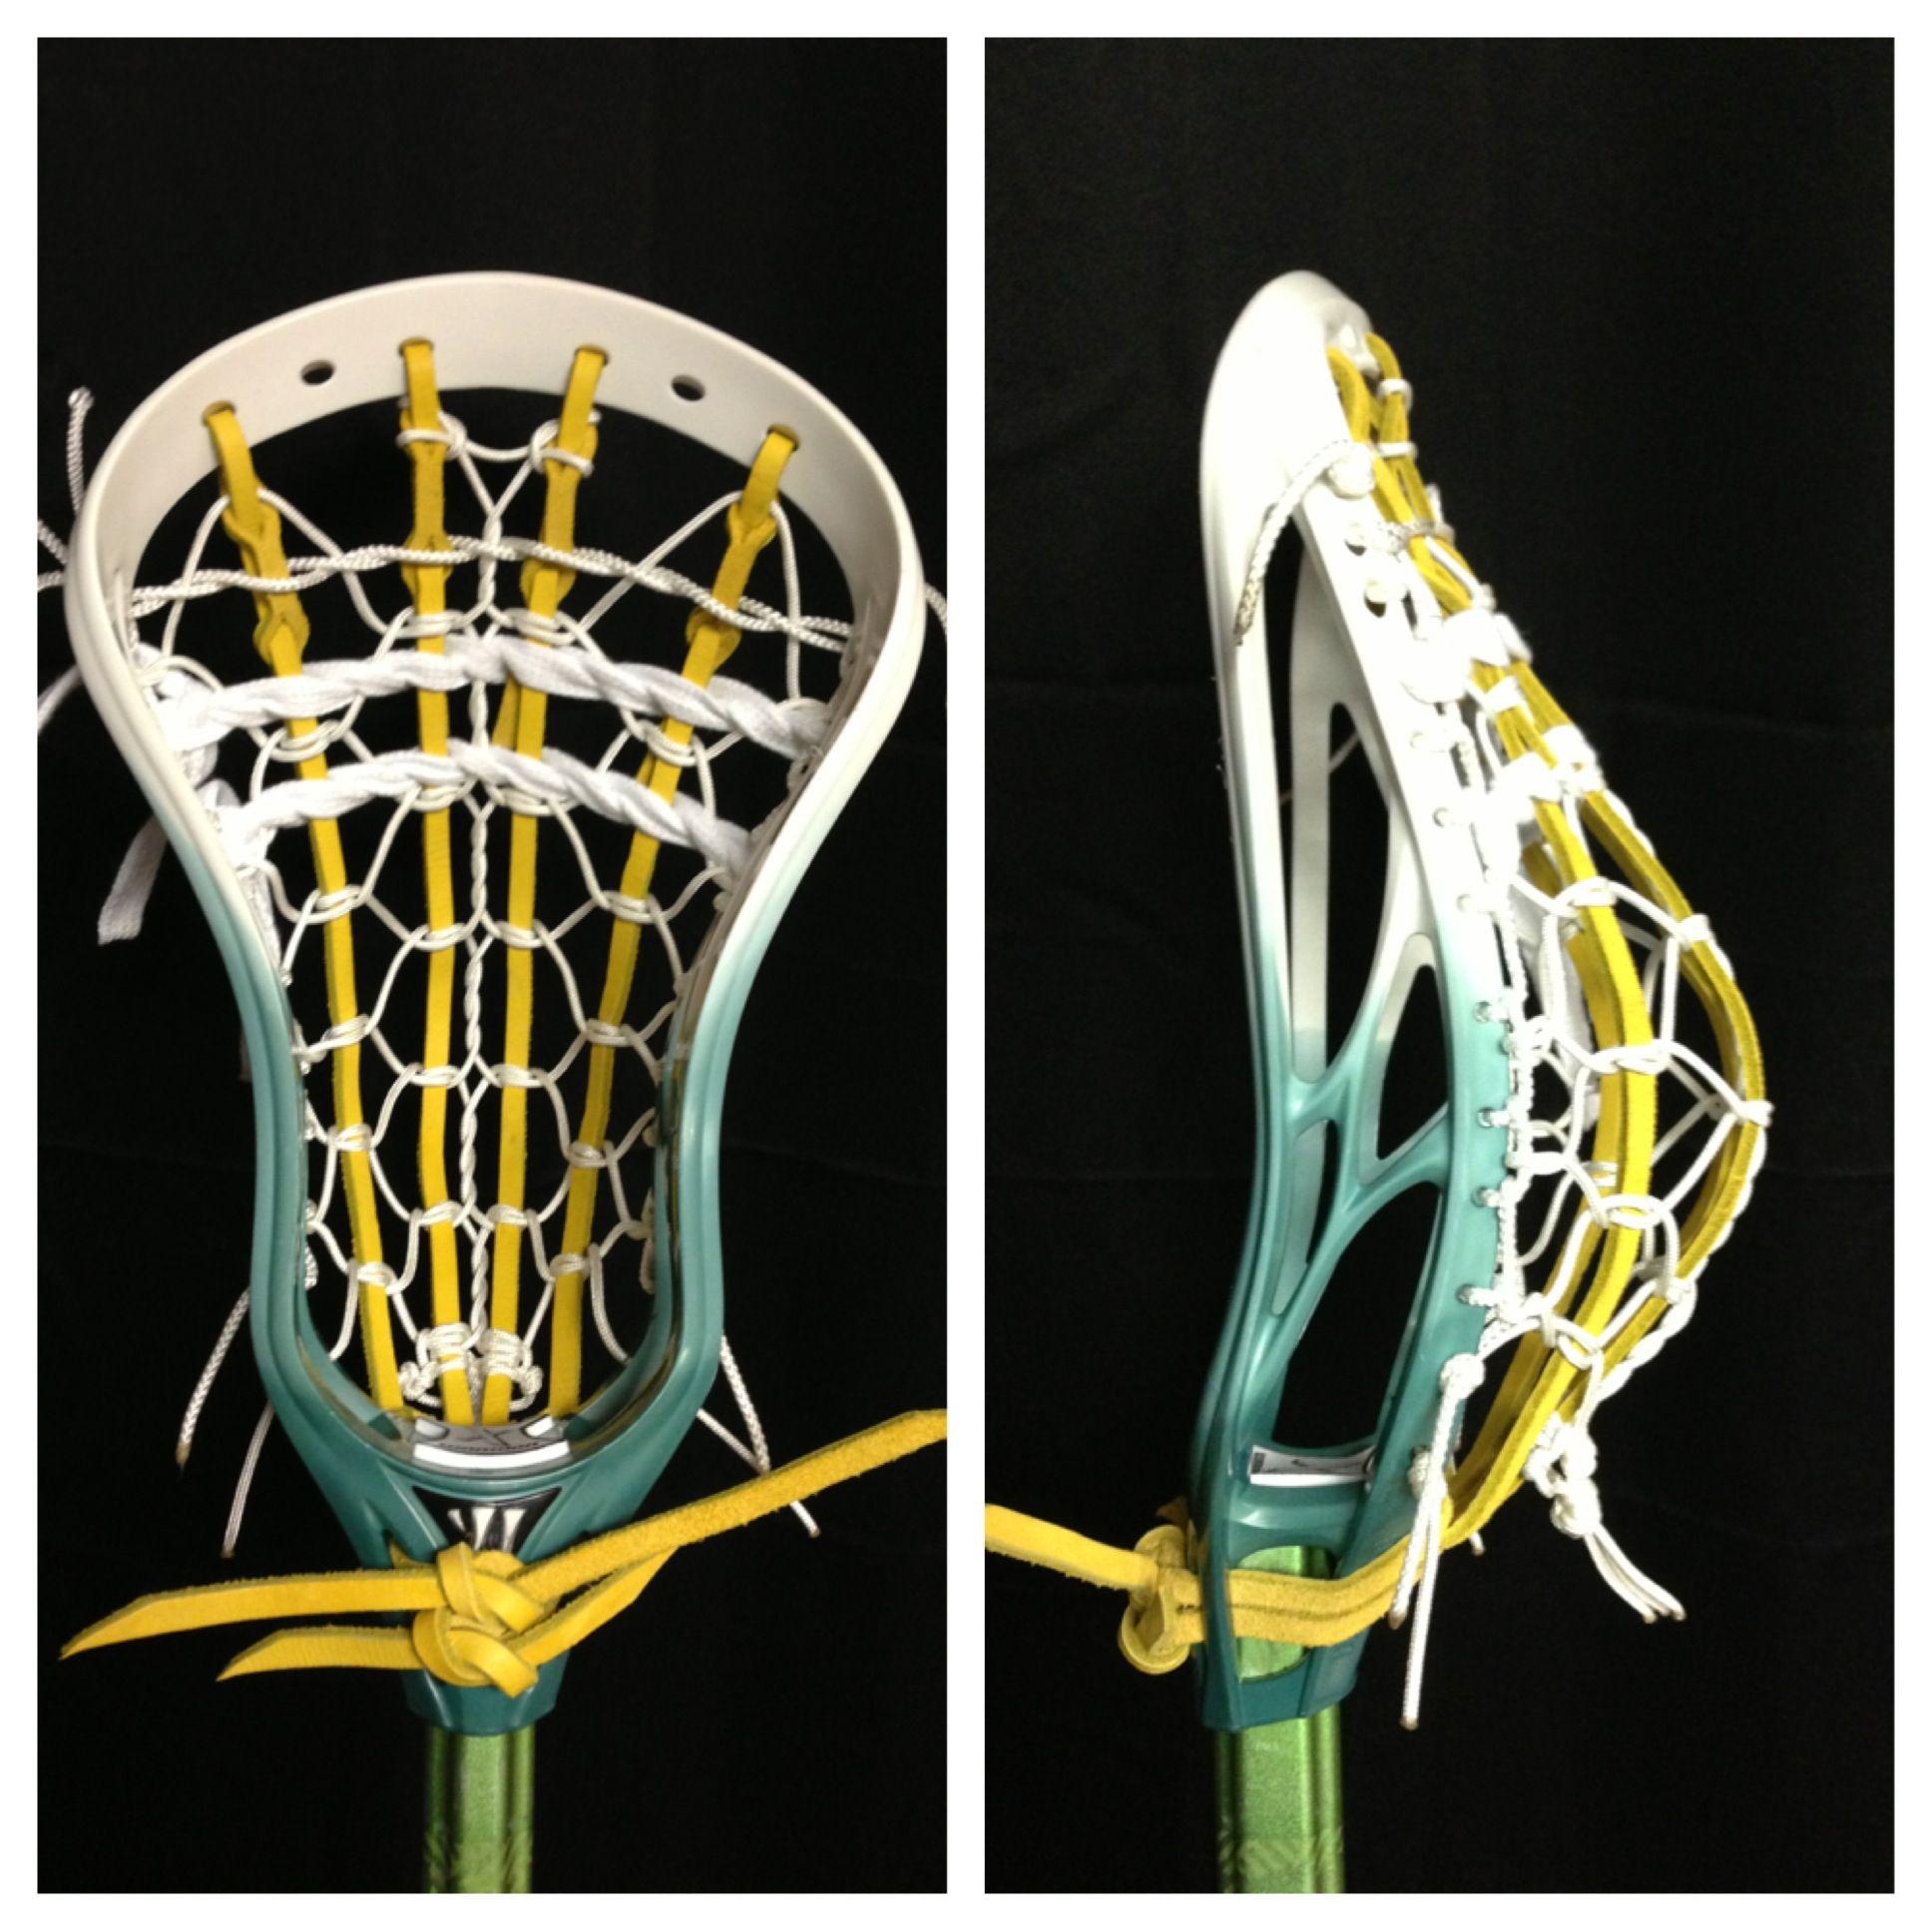 Fade Dye Warrior Evo X W Pita Pocket Evo X Evo Lacrosse